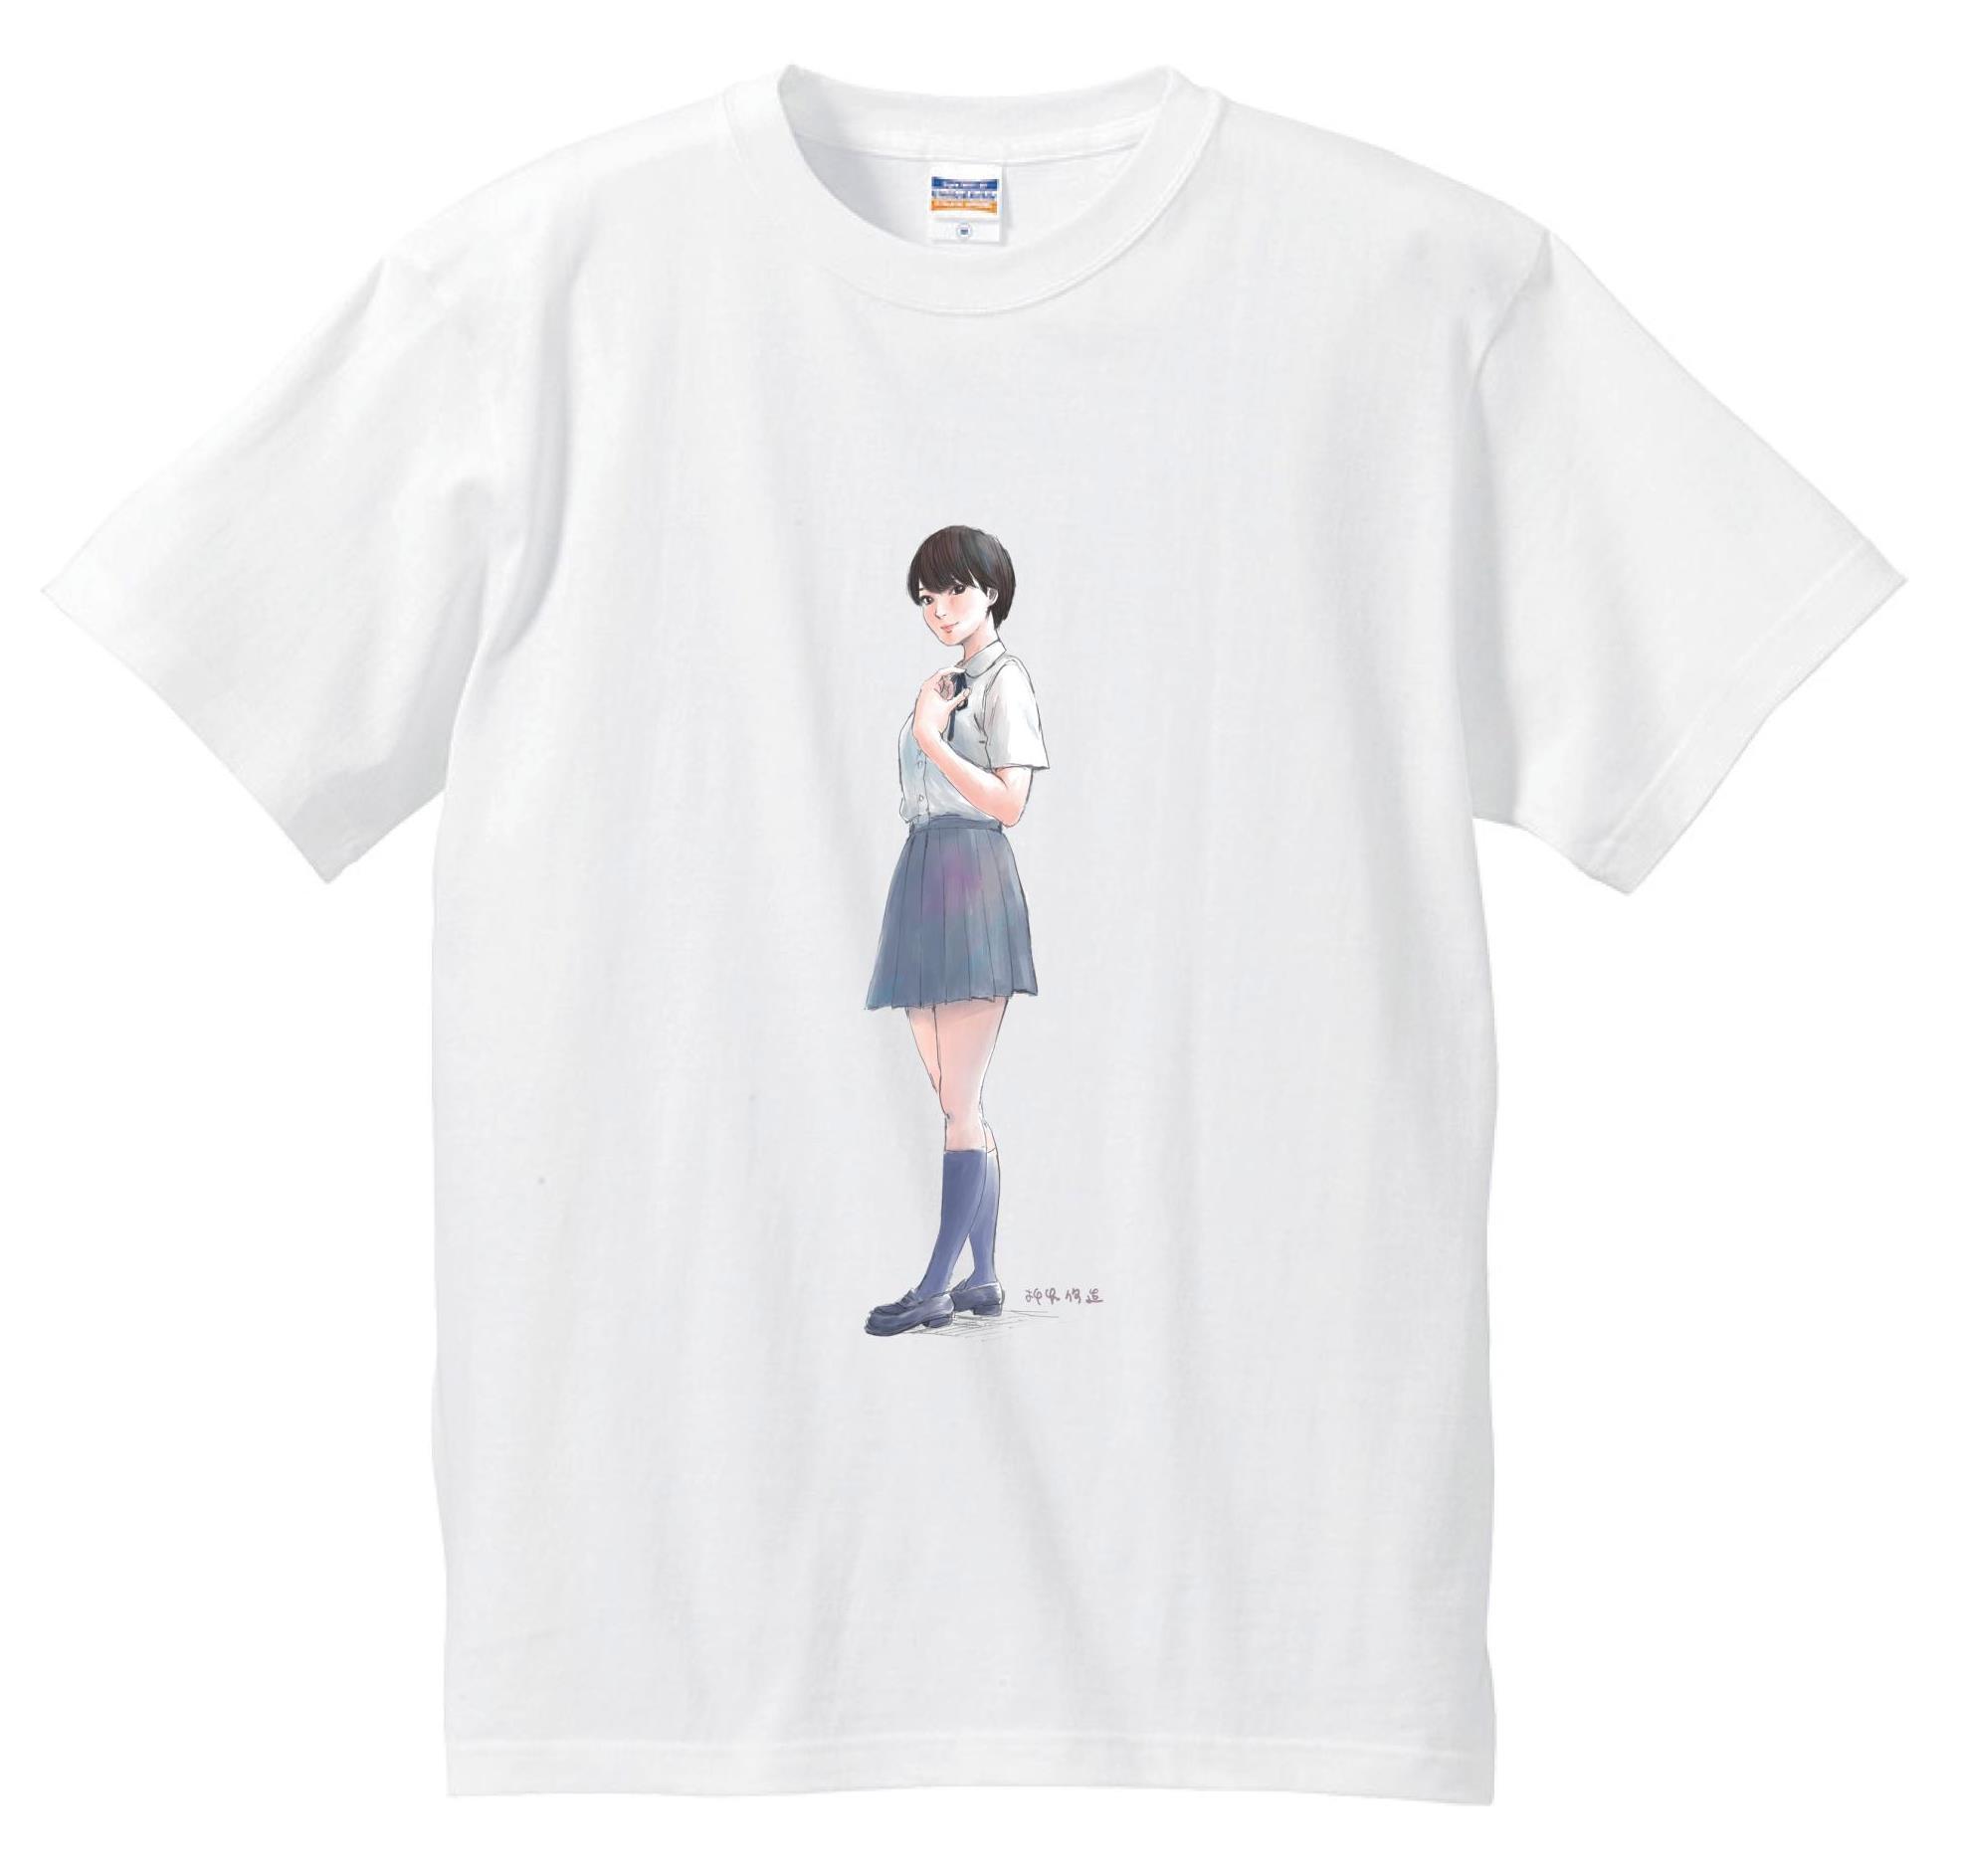 アプガ新井×押見コラボT